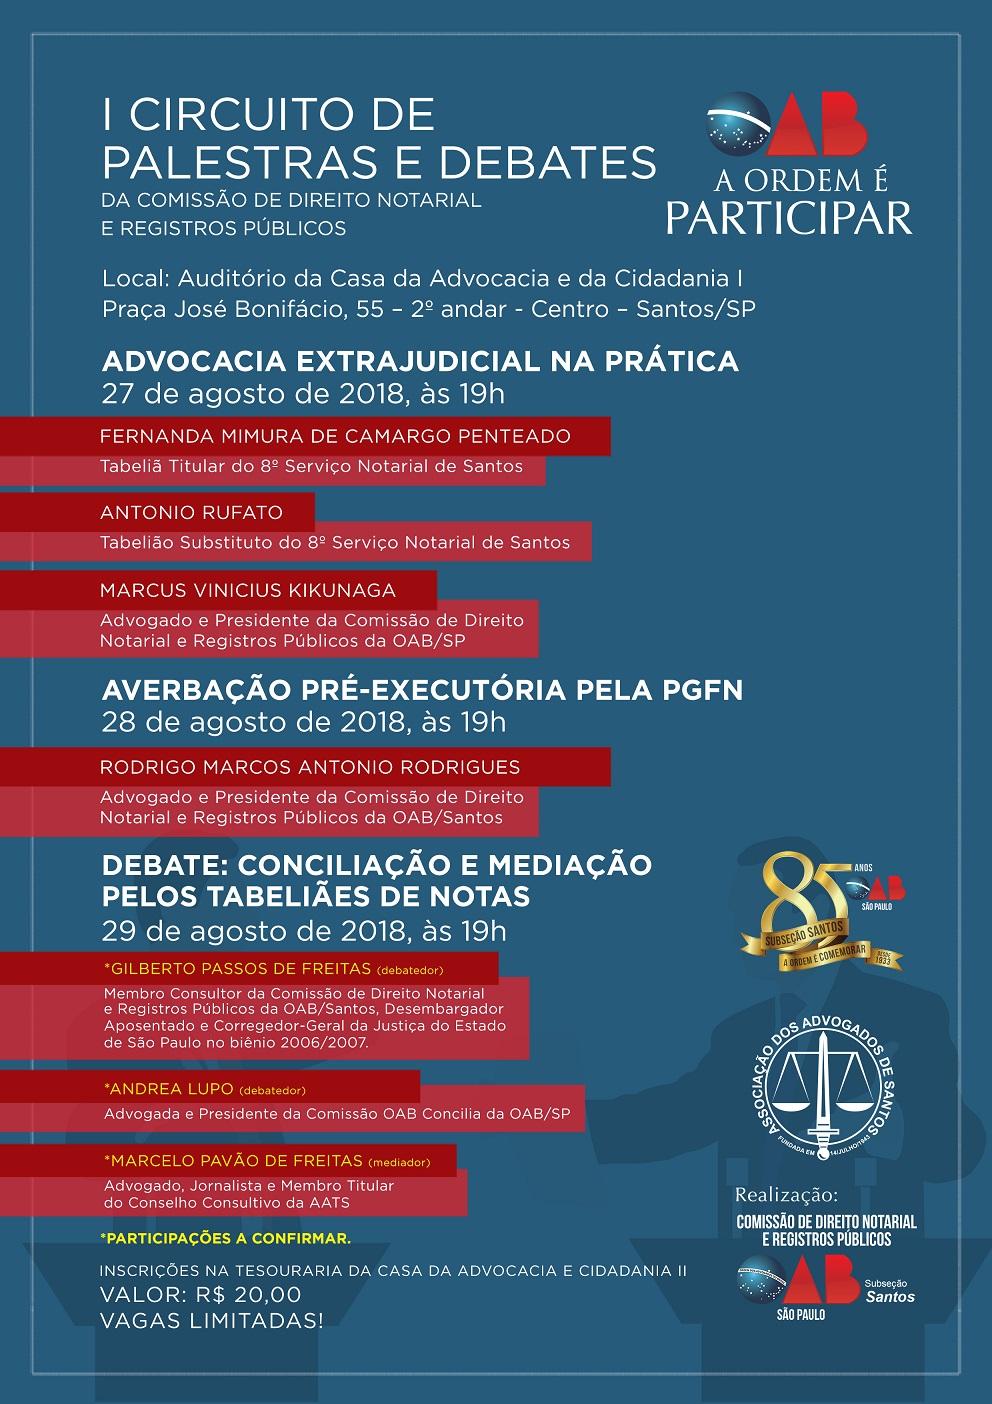 Cartaz do evento da Comissão de Direito Notarial e Registros Públicos da OAB/Santos